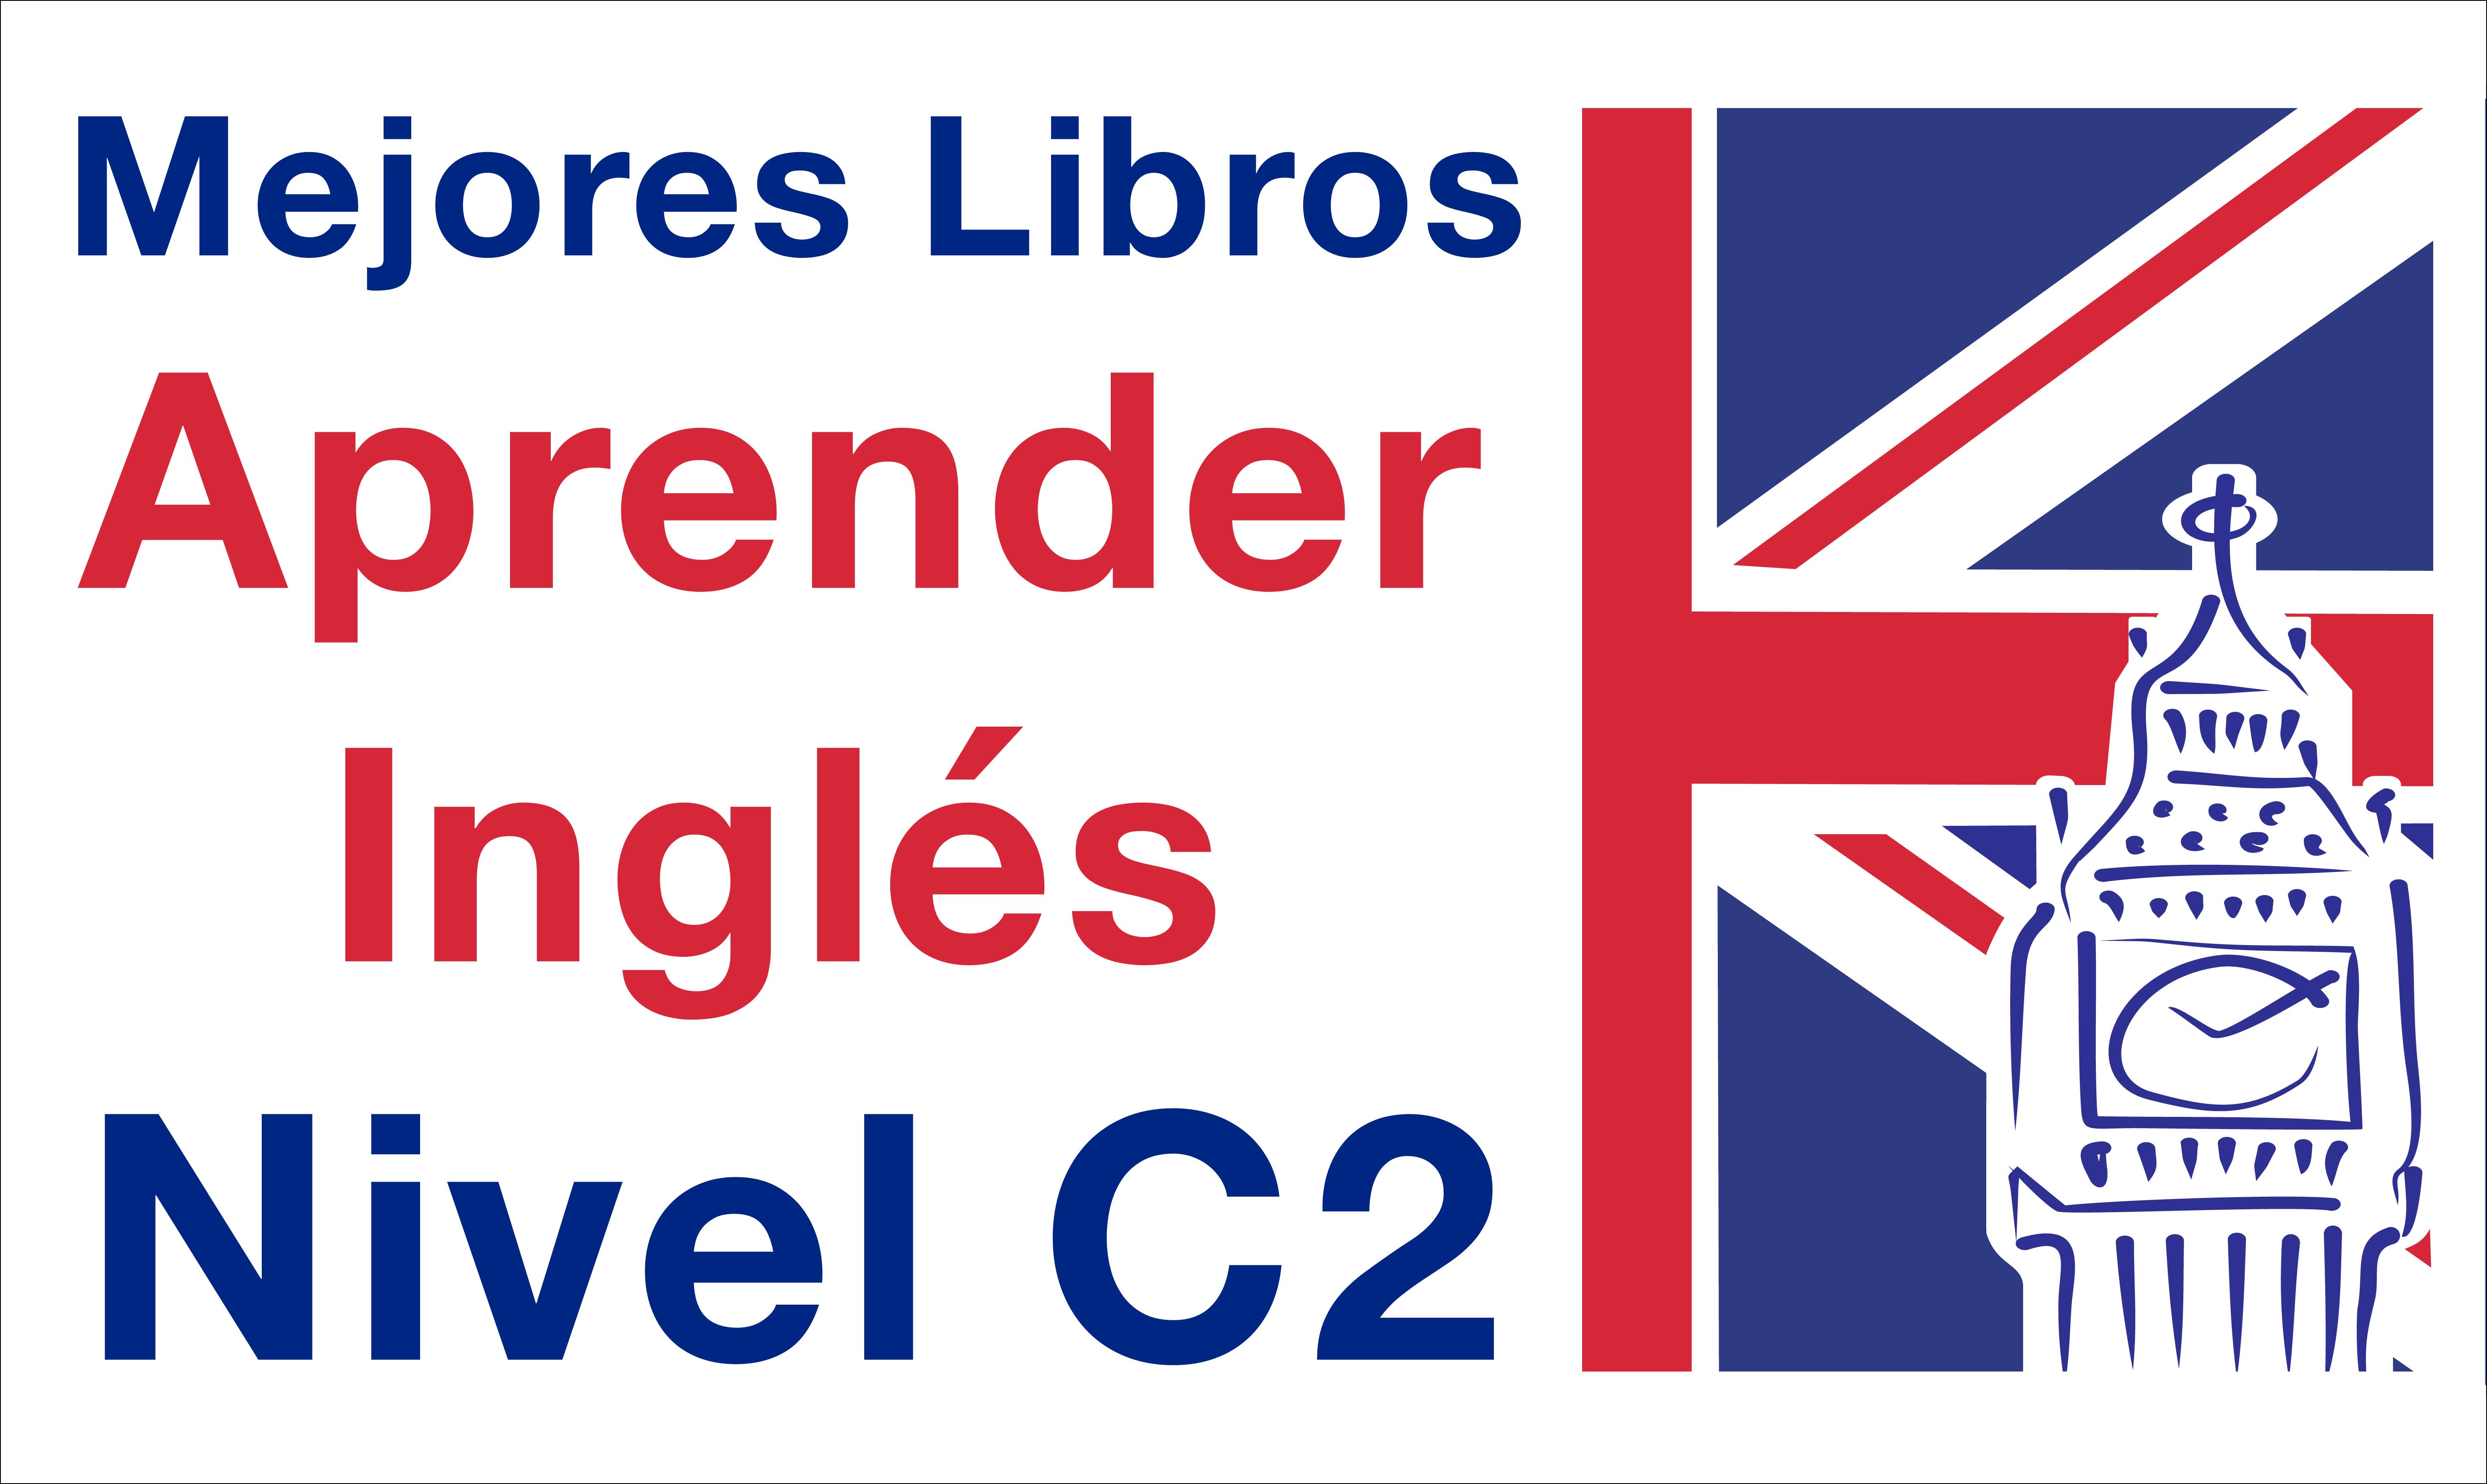 Inglés Nivel C2 Los Mejores Libros Para Nivel C2 Mejores Libros Para Leer Libros Para Leer Los Mejores Libros